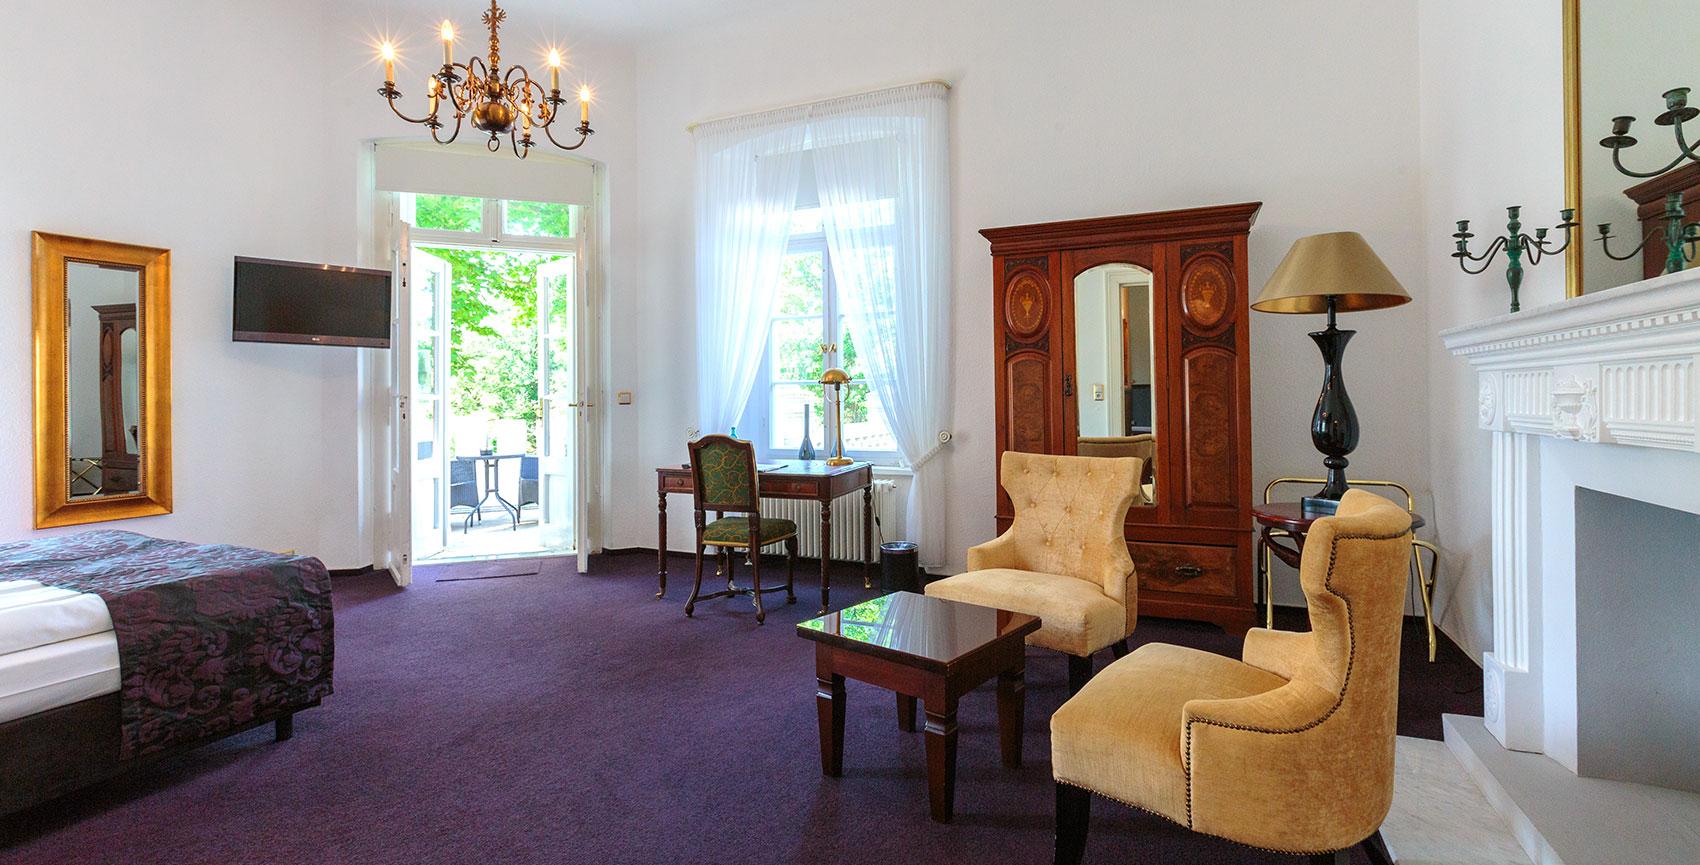 Schloss Hotel Kittendorf Das Juwel In Der Mecklenburgischen Schweiz